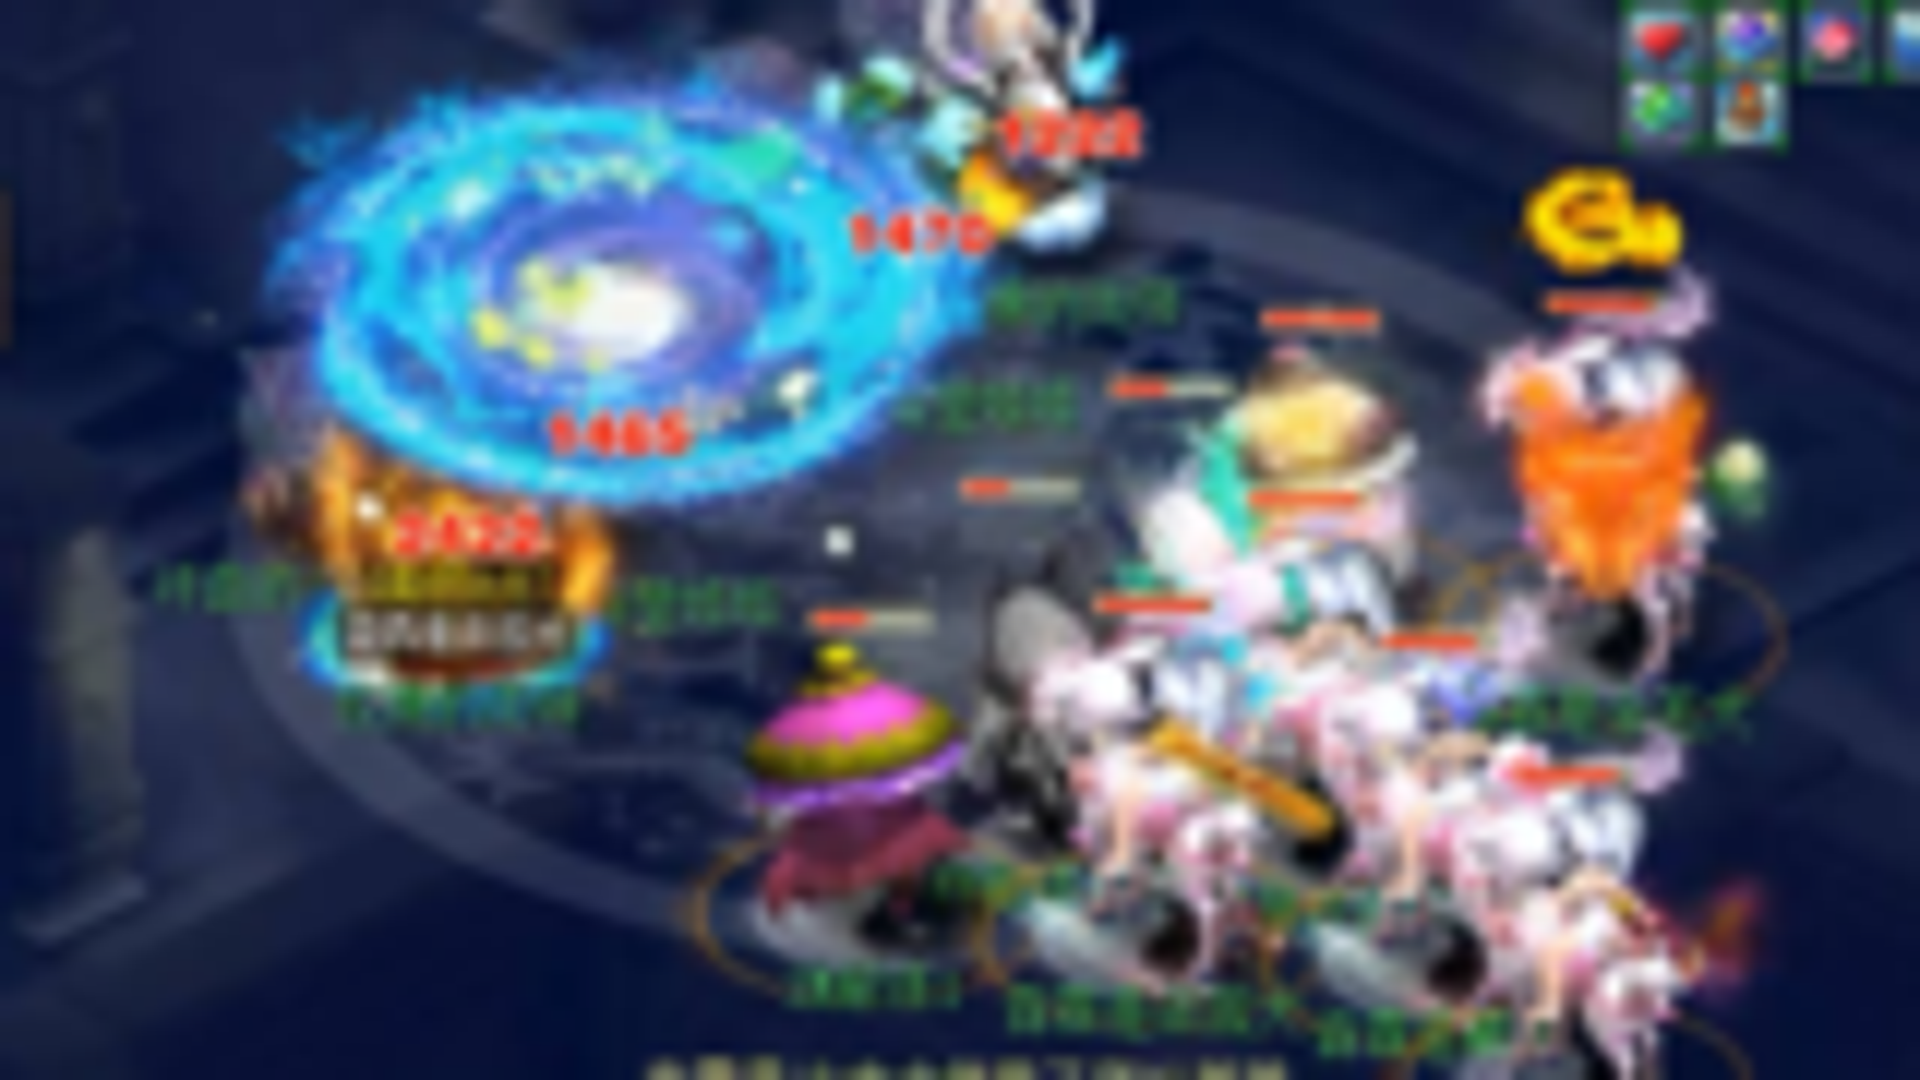 梦幻西游:109极限五开杀四星归墟,完全碾压的存在,秒秒就赢了